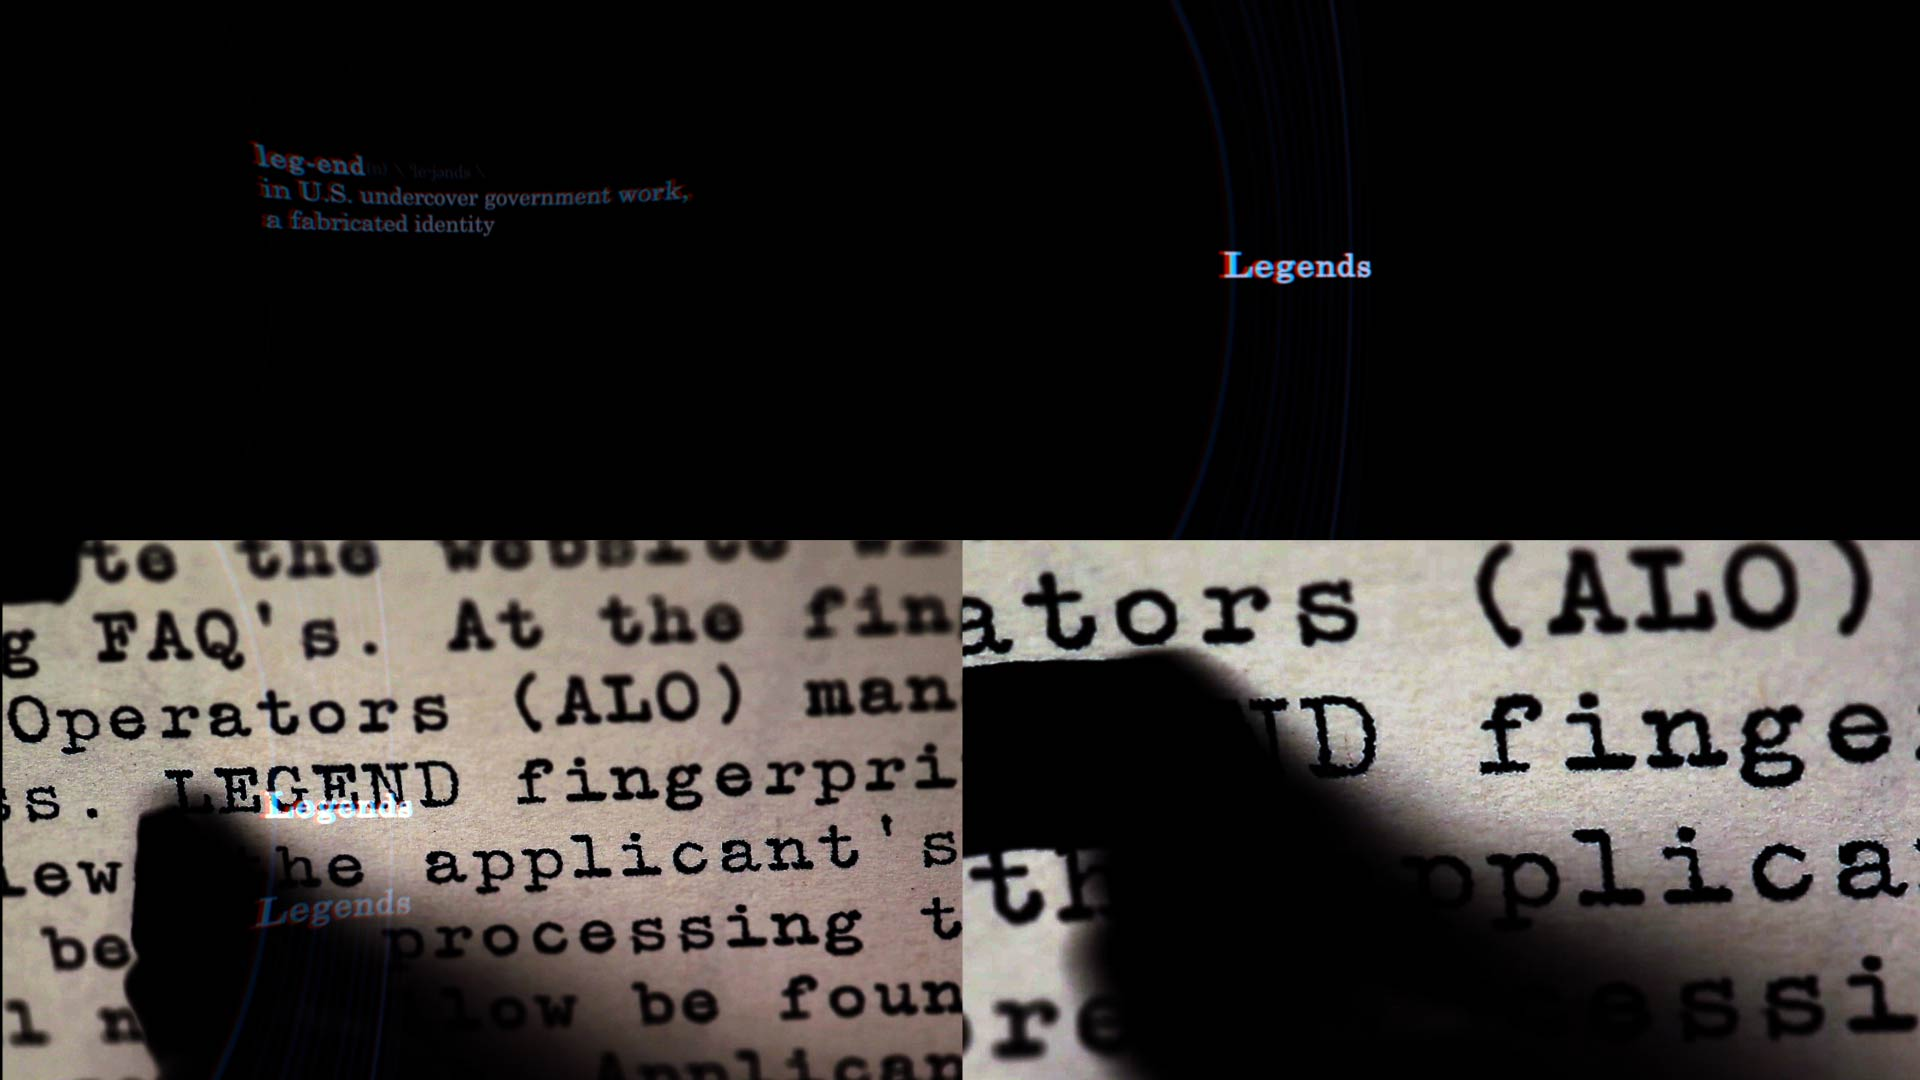 1920x1080 logos_00018.jpg